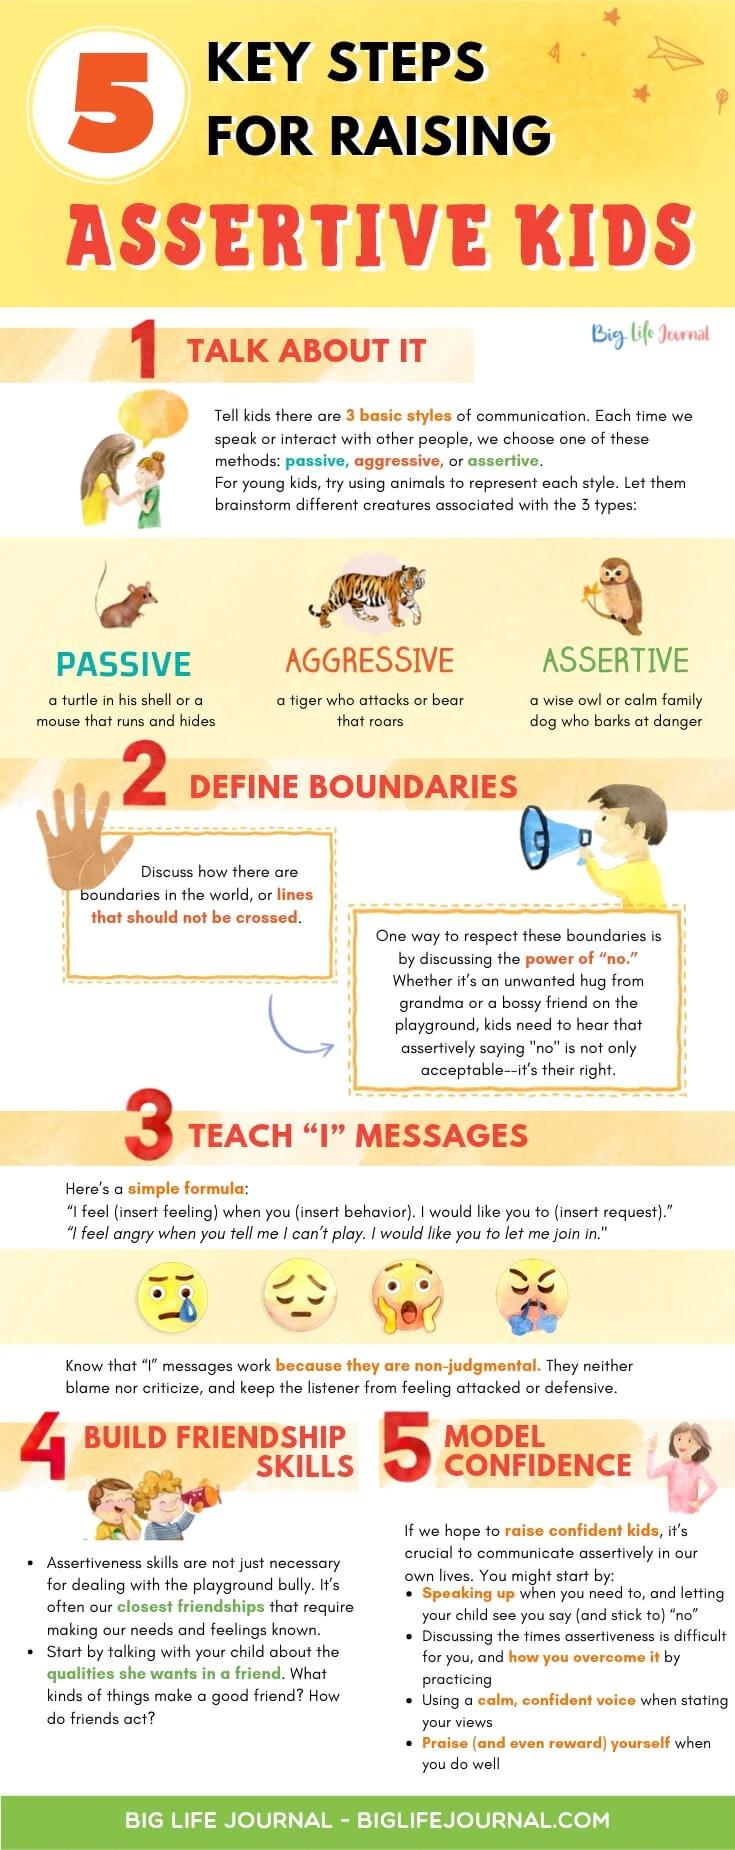 5 Key Steps For Raising Assertive Kids – big-life-journal-uk